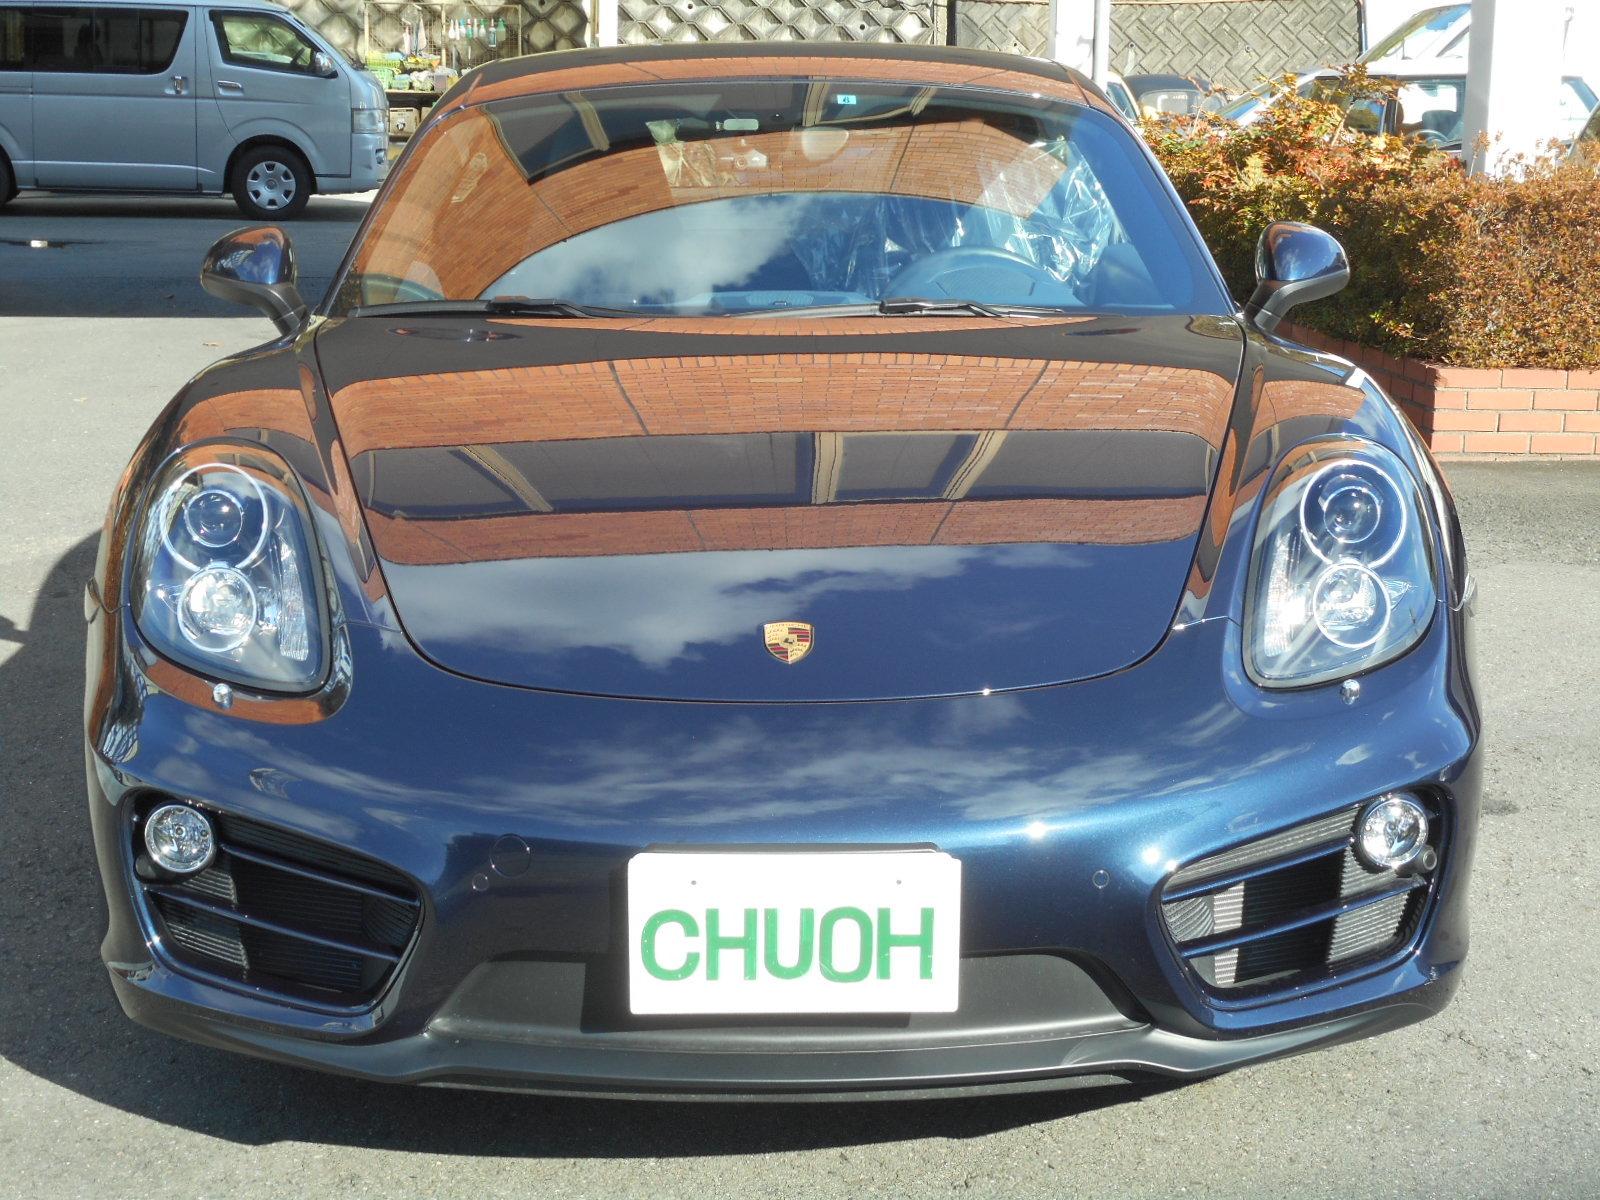 広告掲載車 ポルシェ ケイマンPDK_c0267693_17350135.jpg